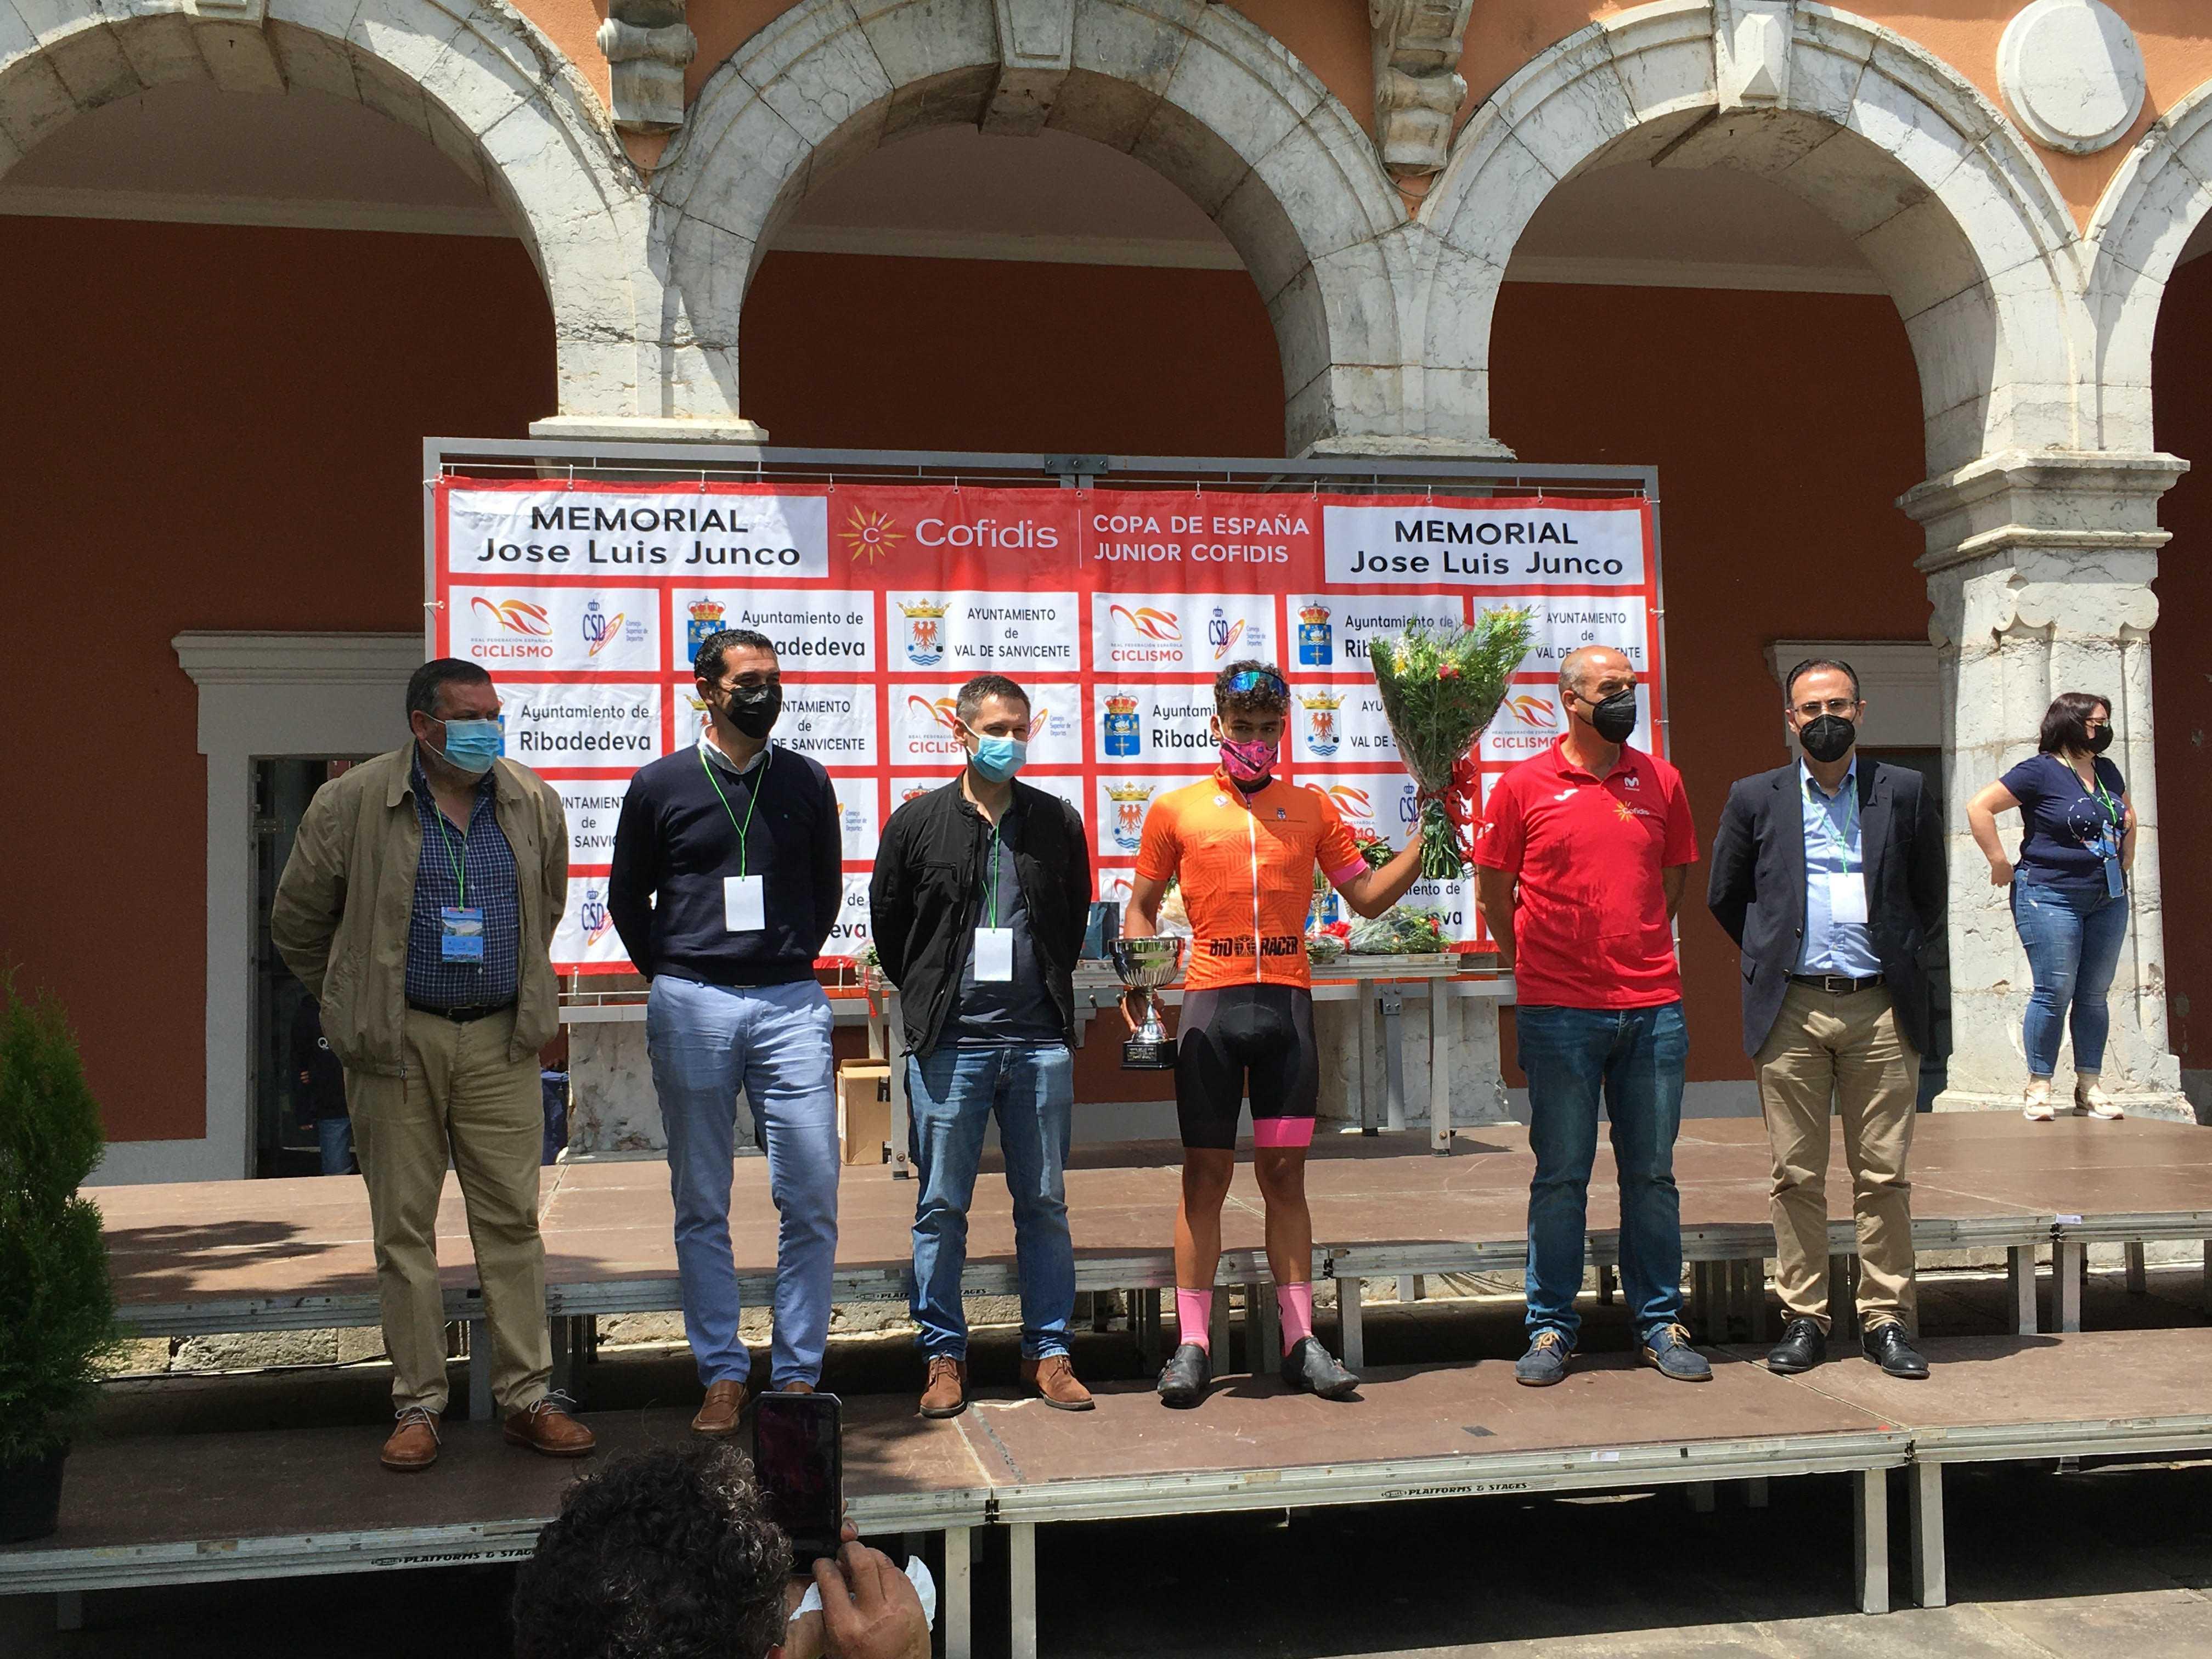 Pau Martí se impone en el Memorial José Luis Junco de la Copa de España Junior Cofidis